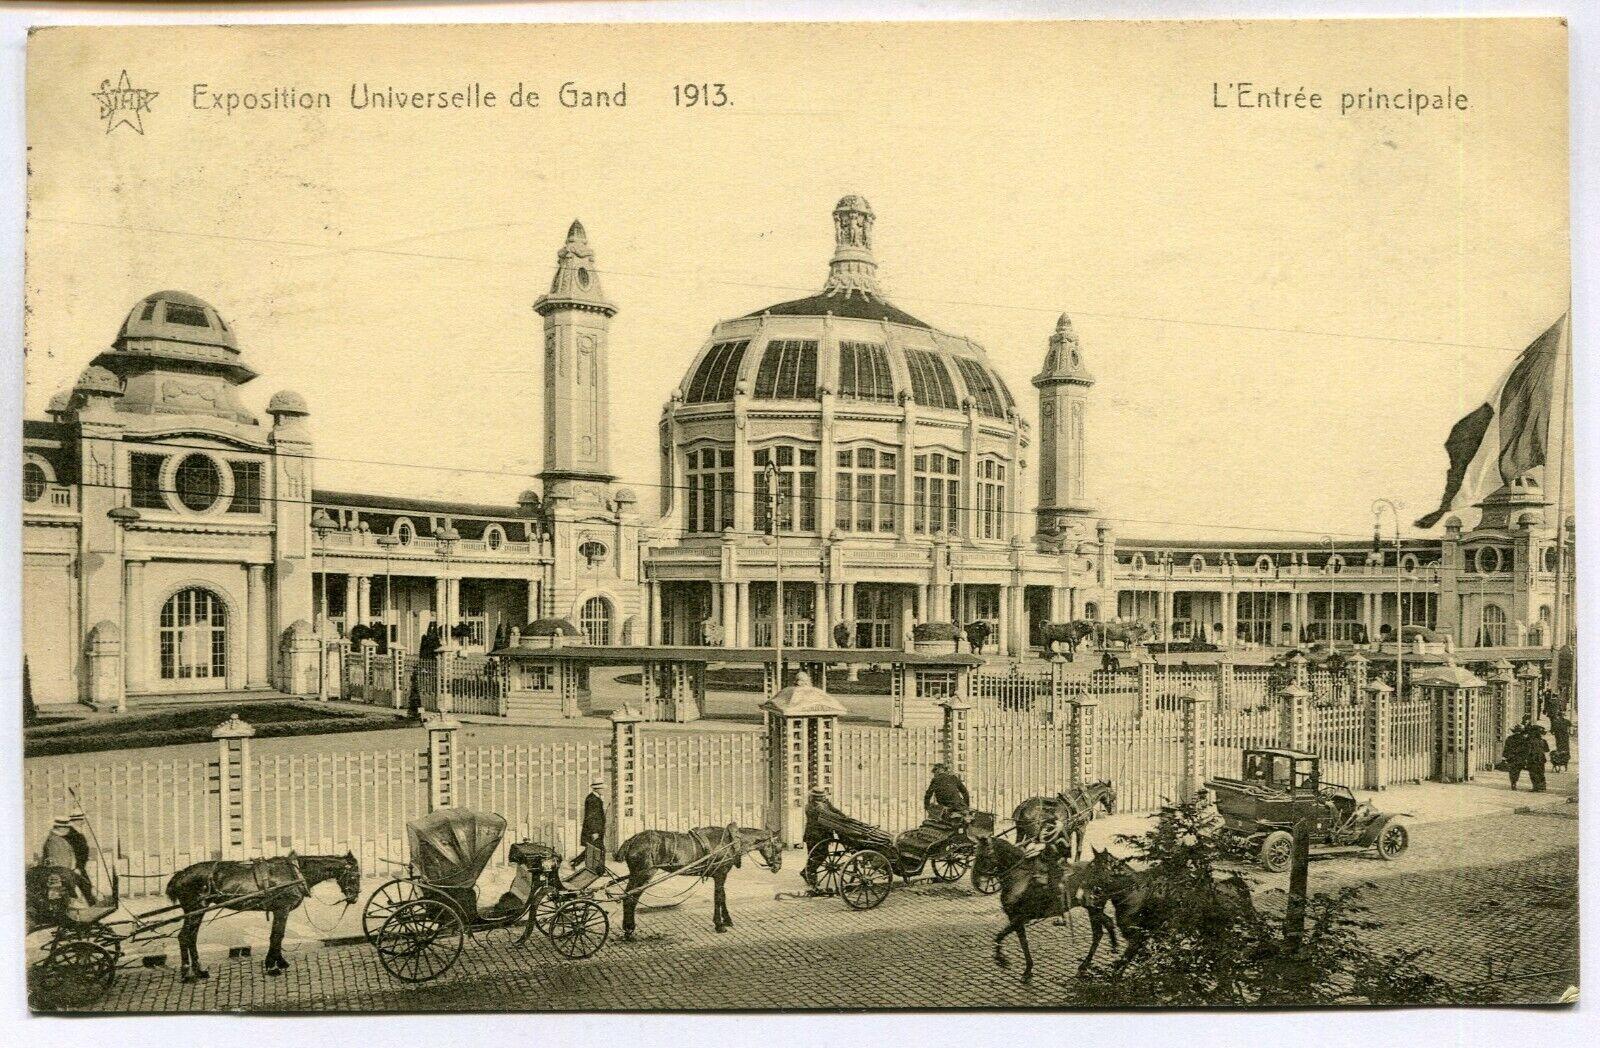 CPA - Carte Postale - Belgique - Exposition Universelle de Gand 1913 - L'Entrée